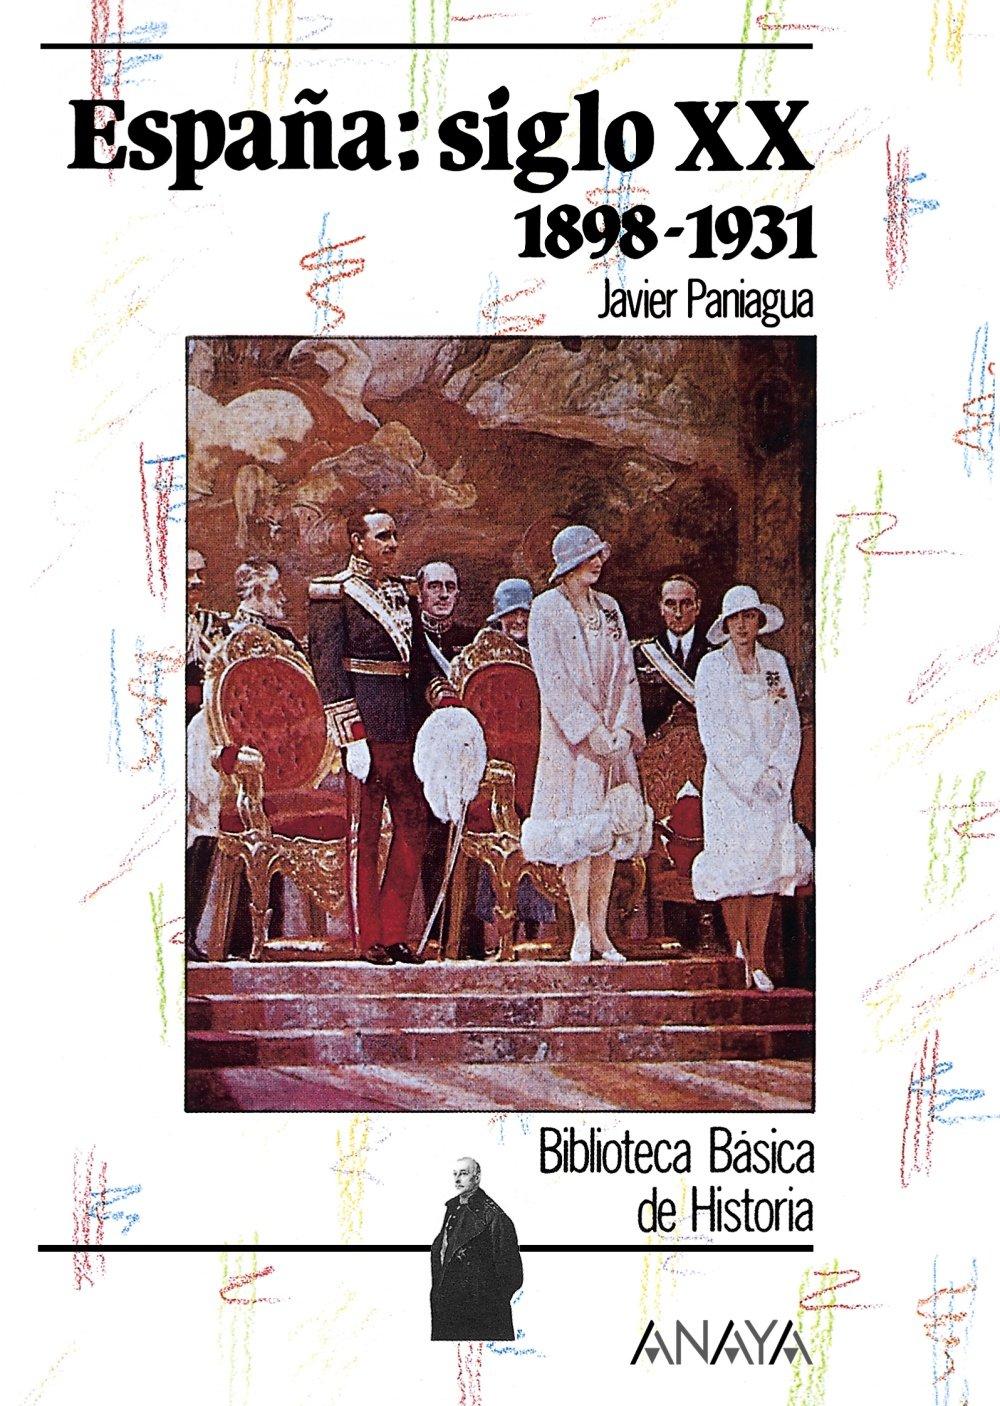 España siglo XX: 1898-1931: Espana: Siglo Xx 1898-1931 Historia Y ...